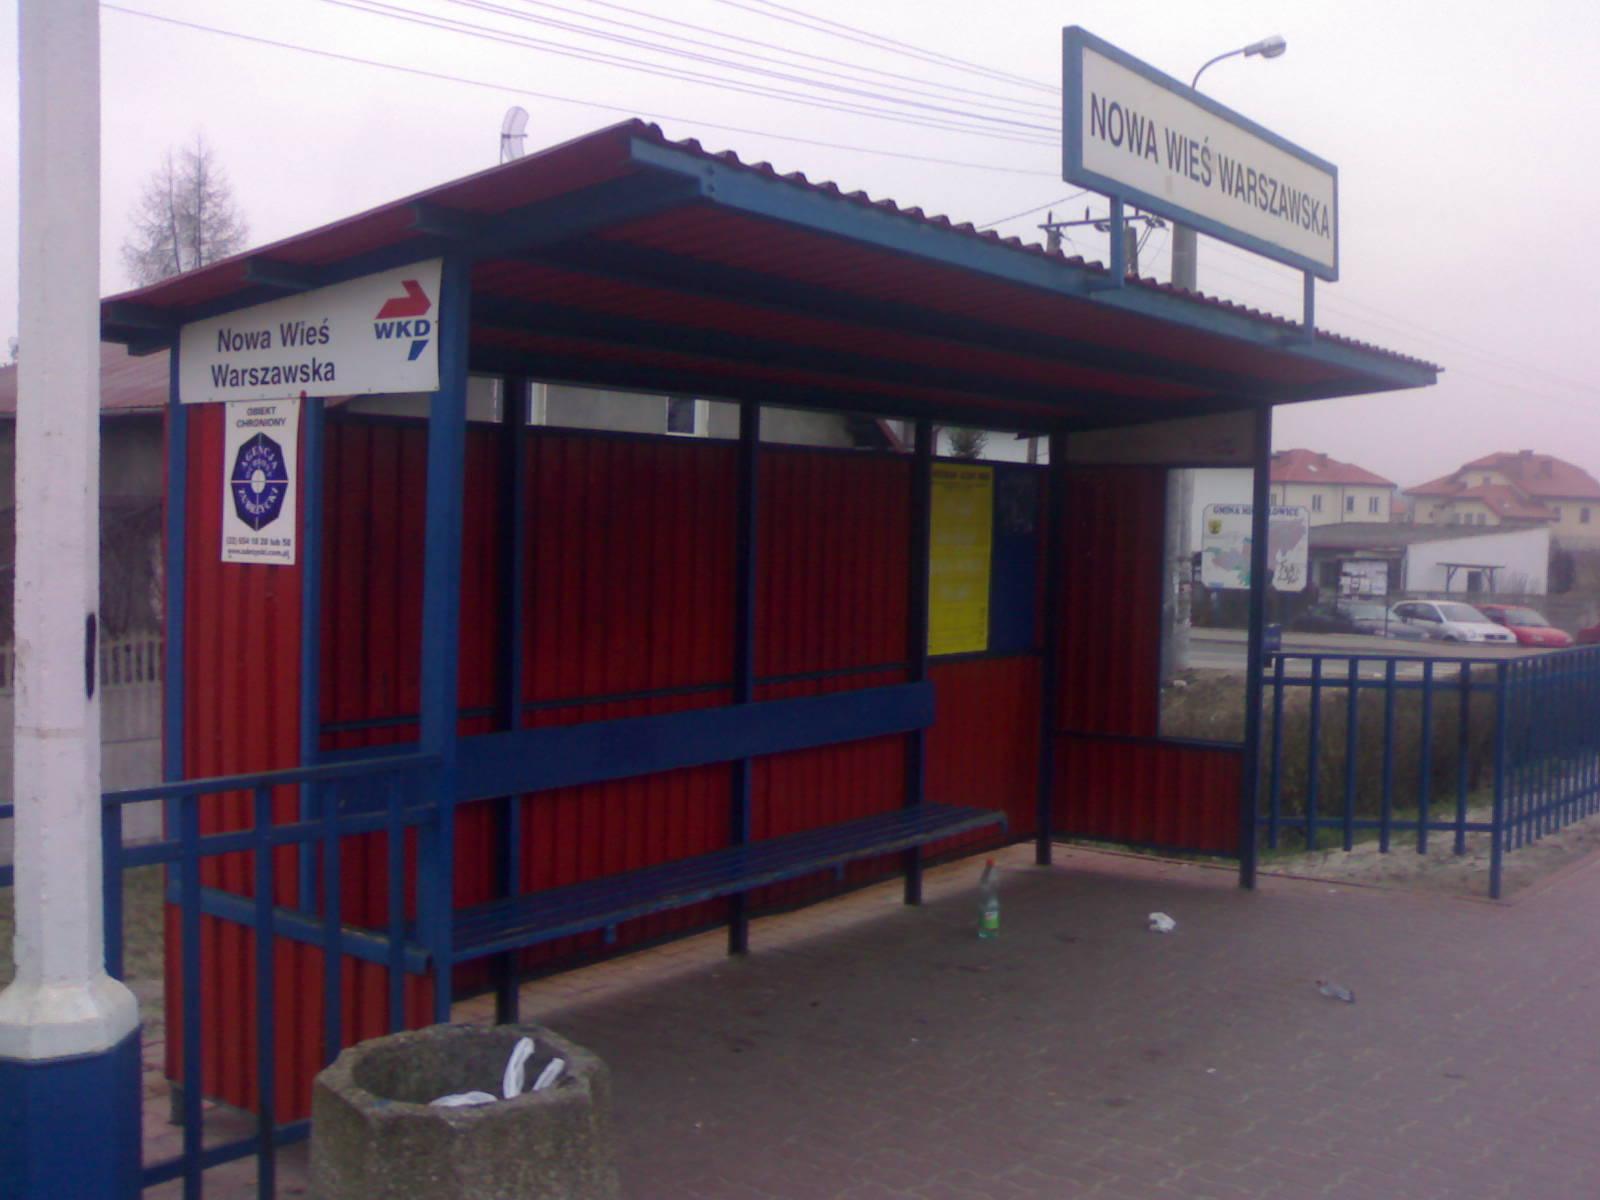 Nowa Wieś Warszawska